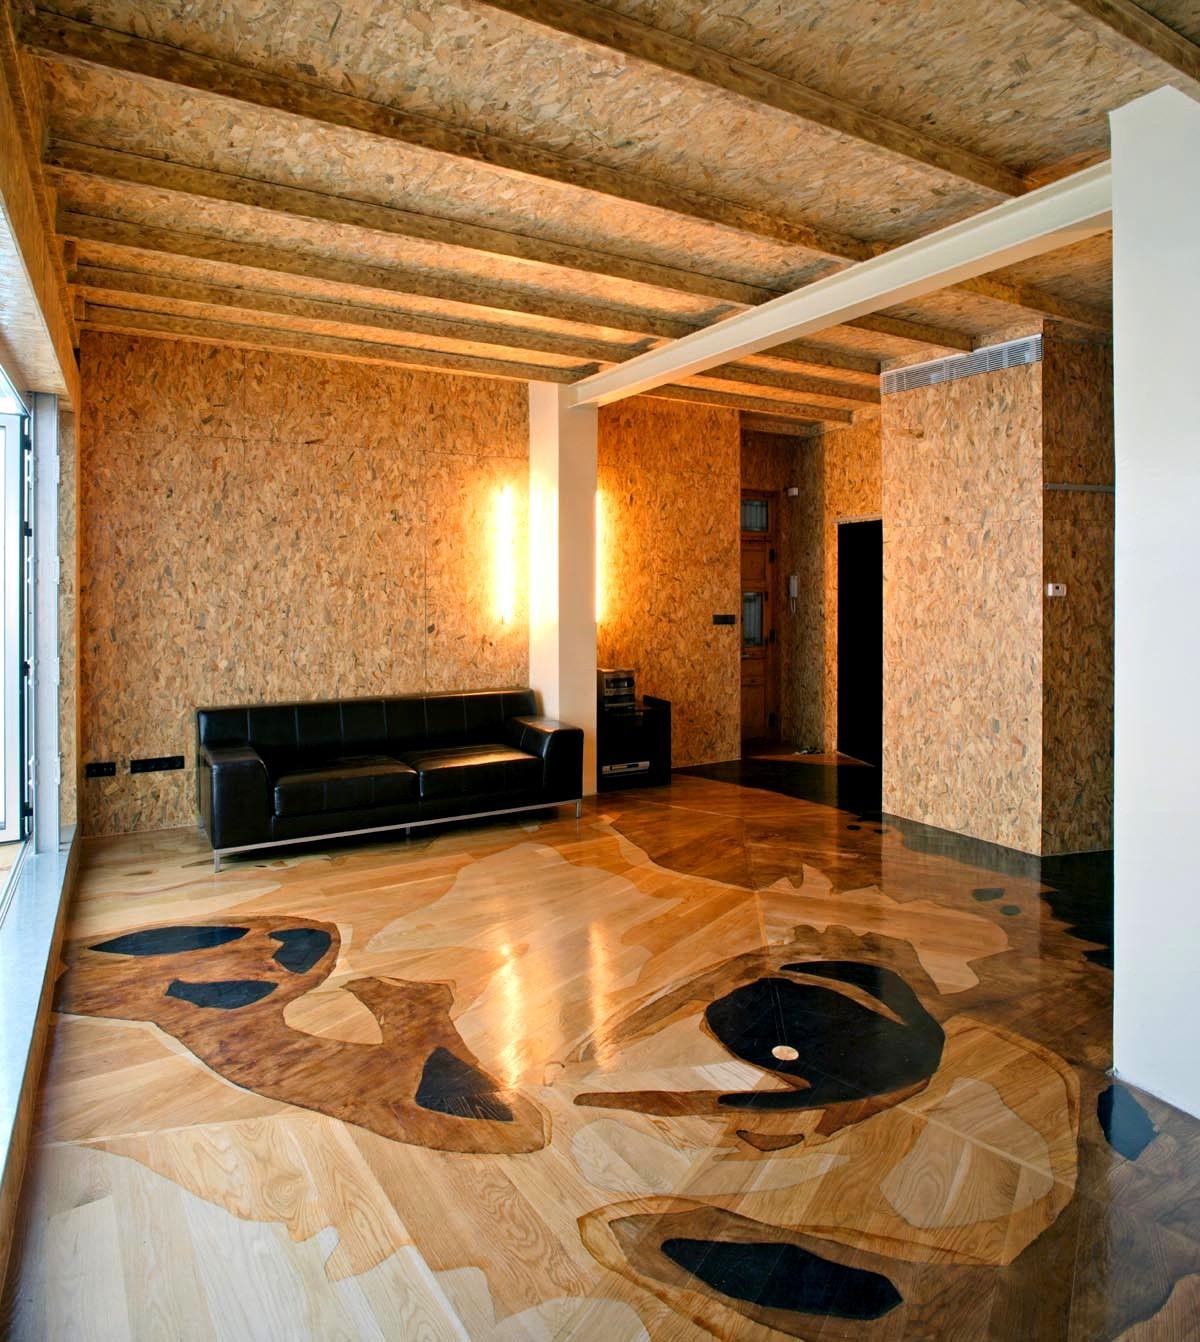 Casa Yaya / Manuel Ocaña, © Miguel de Guzmán